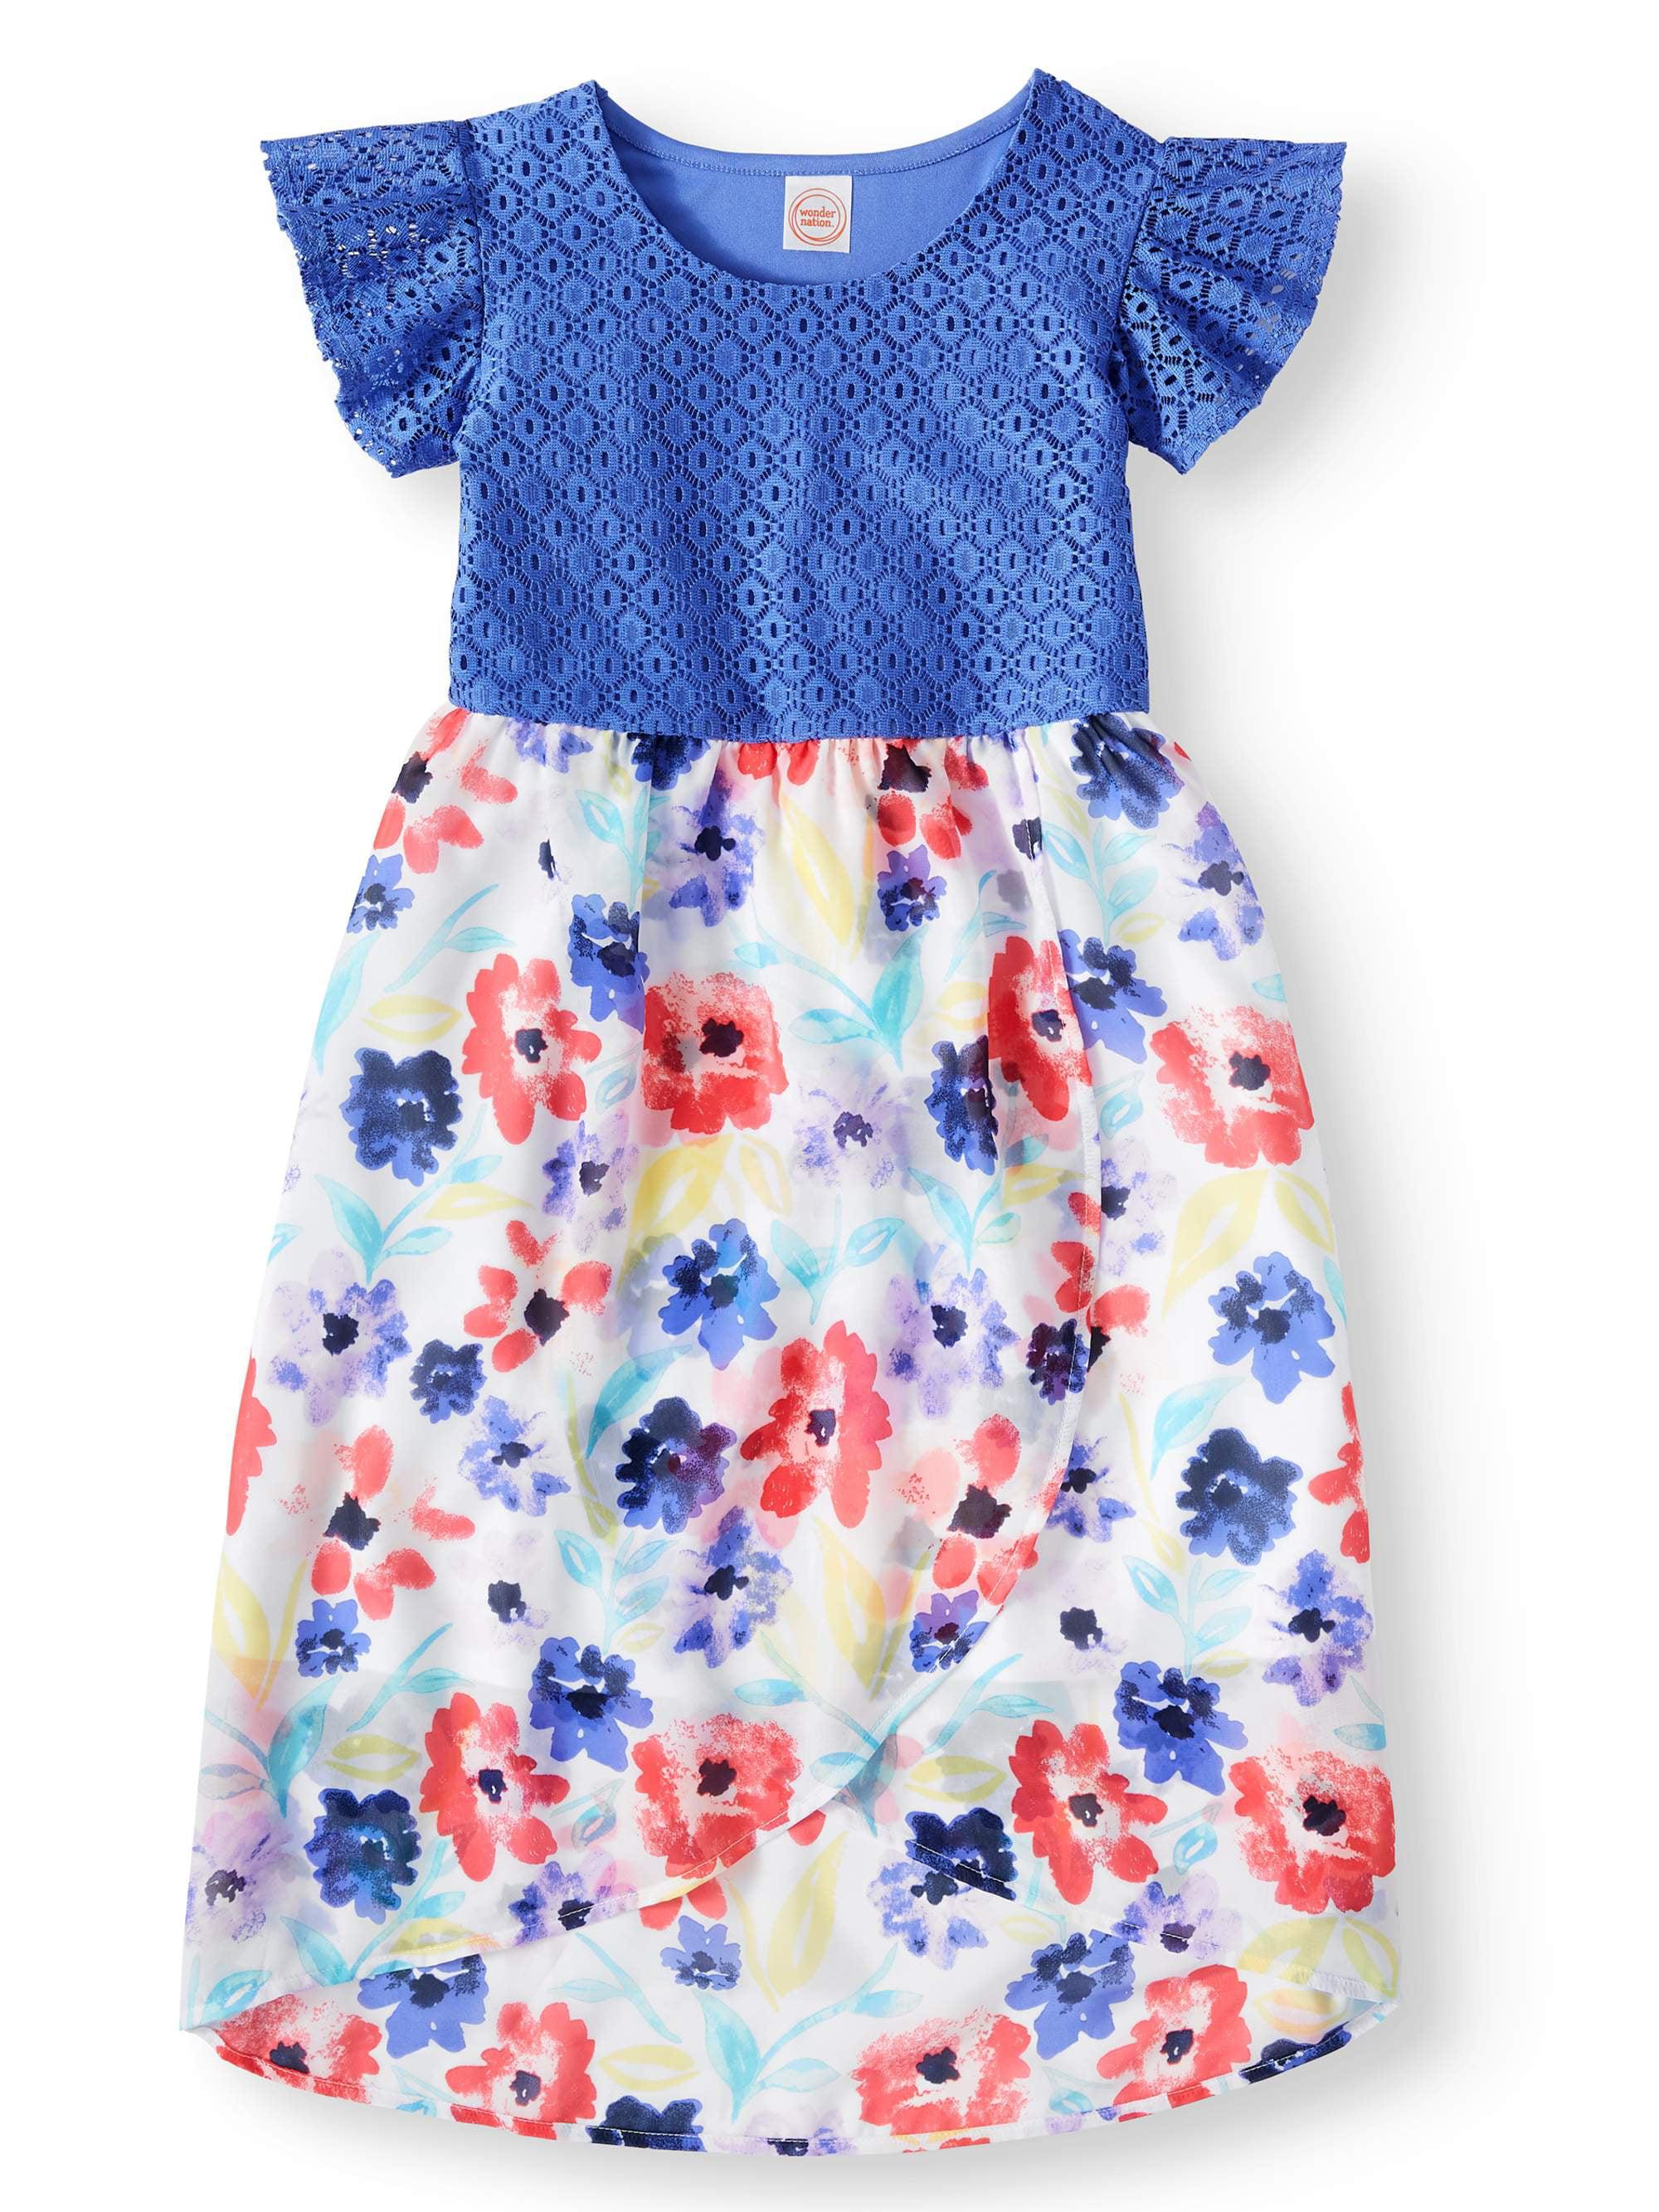 Lace and Chiffon Dress (Little Girls, Big Girls & Big Girls Plus)